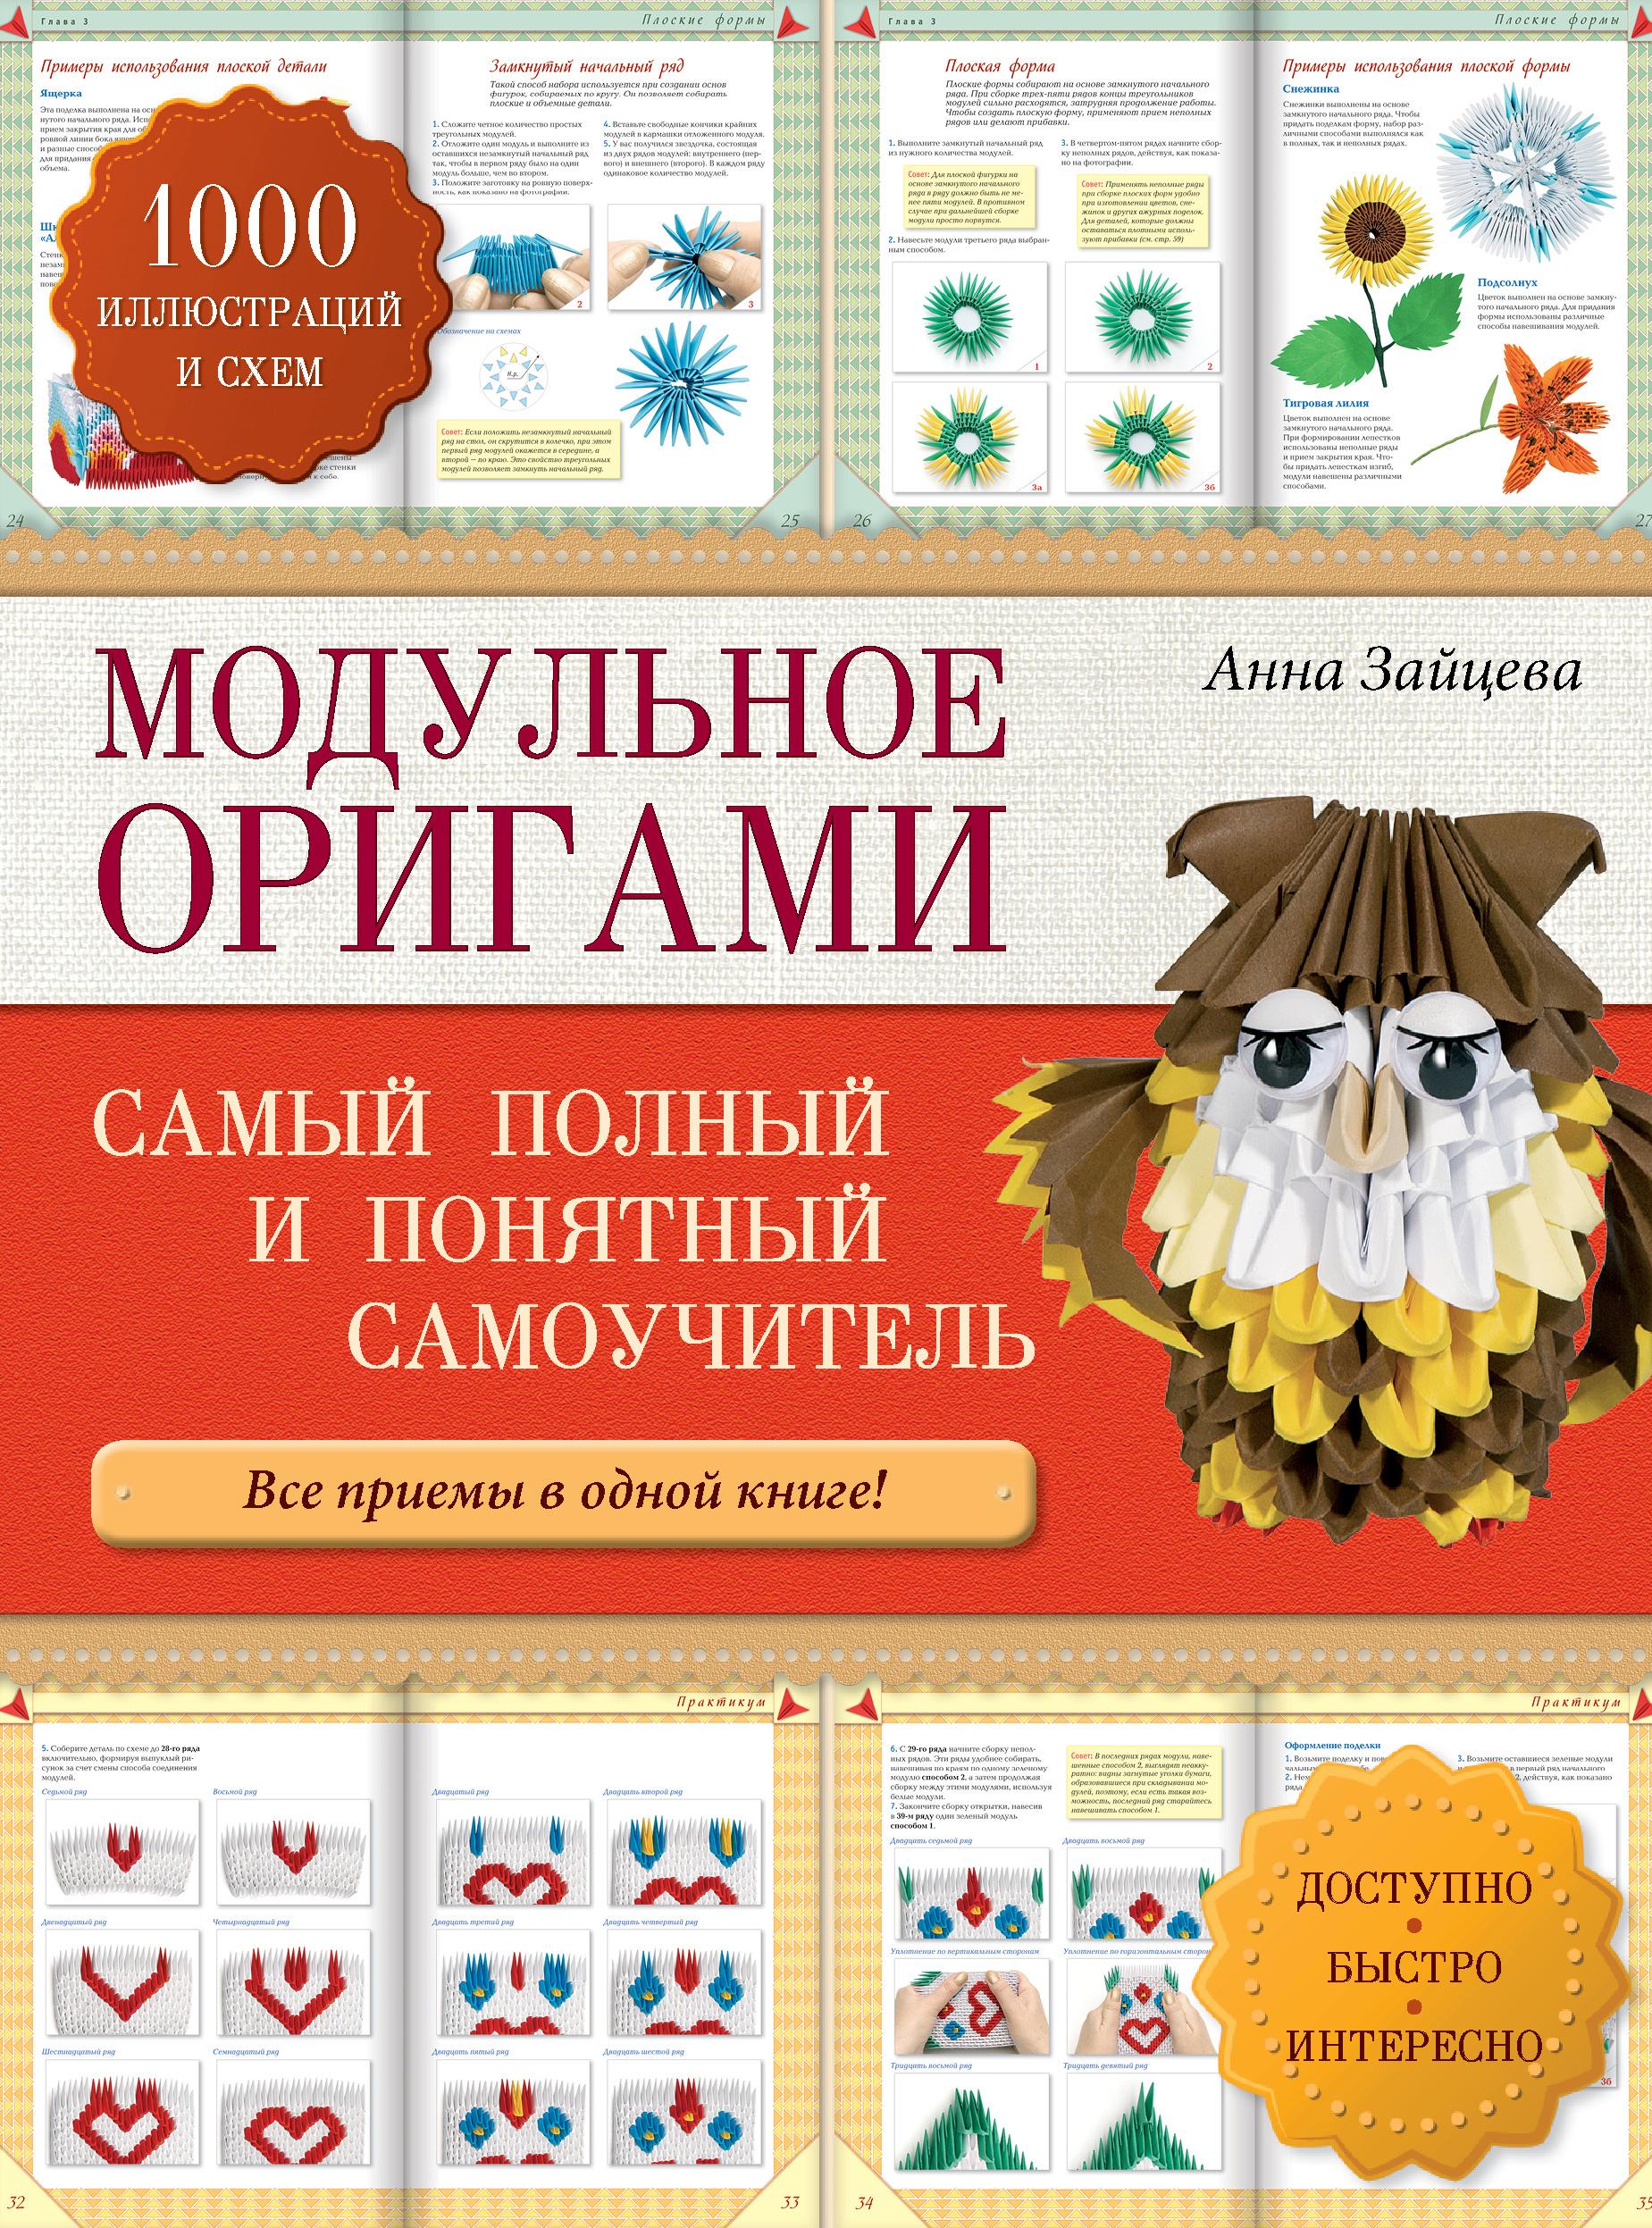 Анна Зайцева Модульное оригами: самый полный и понятный самоучитель модульное оригами самый полный и понятный самоучитель